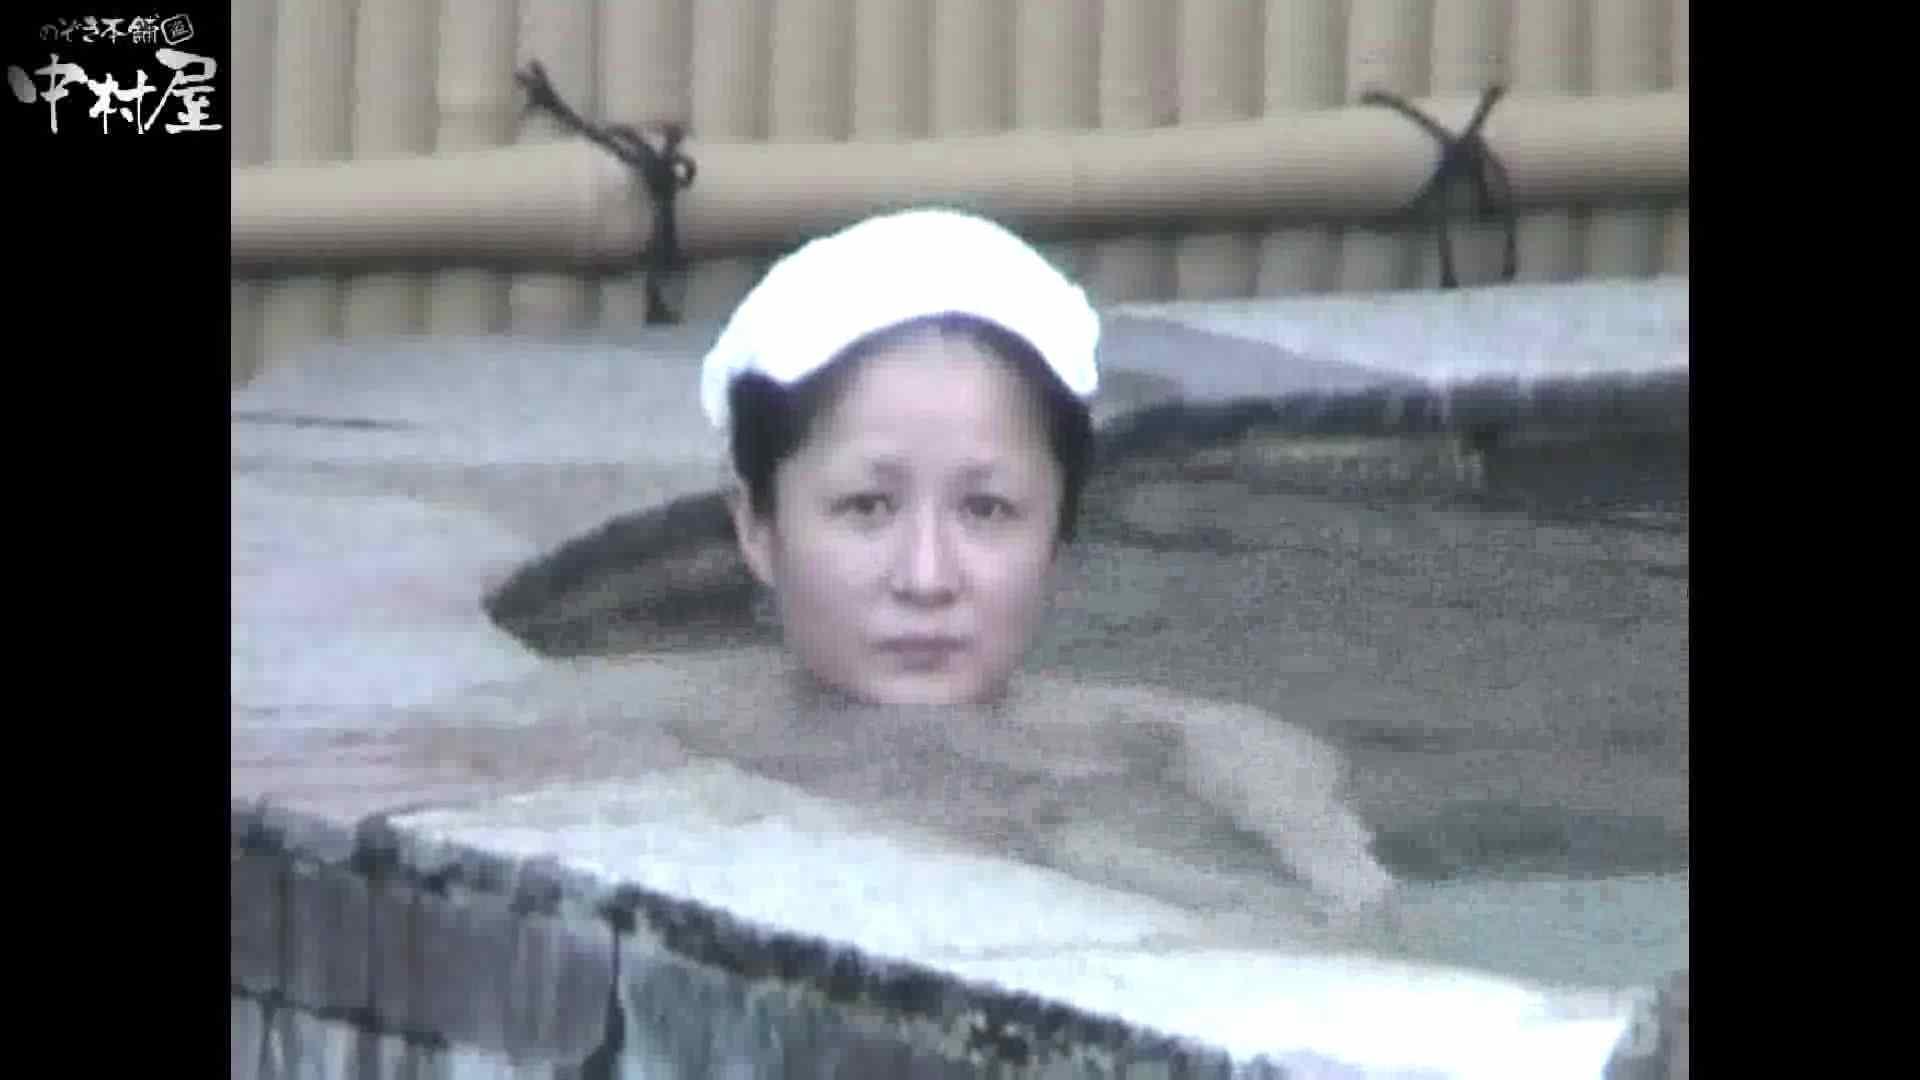 Aquaな露天風呂Vol.880潜入盗撮露天風呂十六判湯 其の六 盗撮シリーズ  91PIX 75